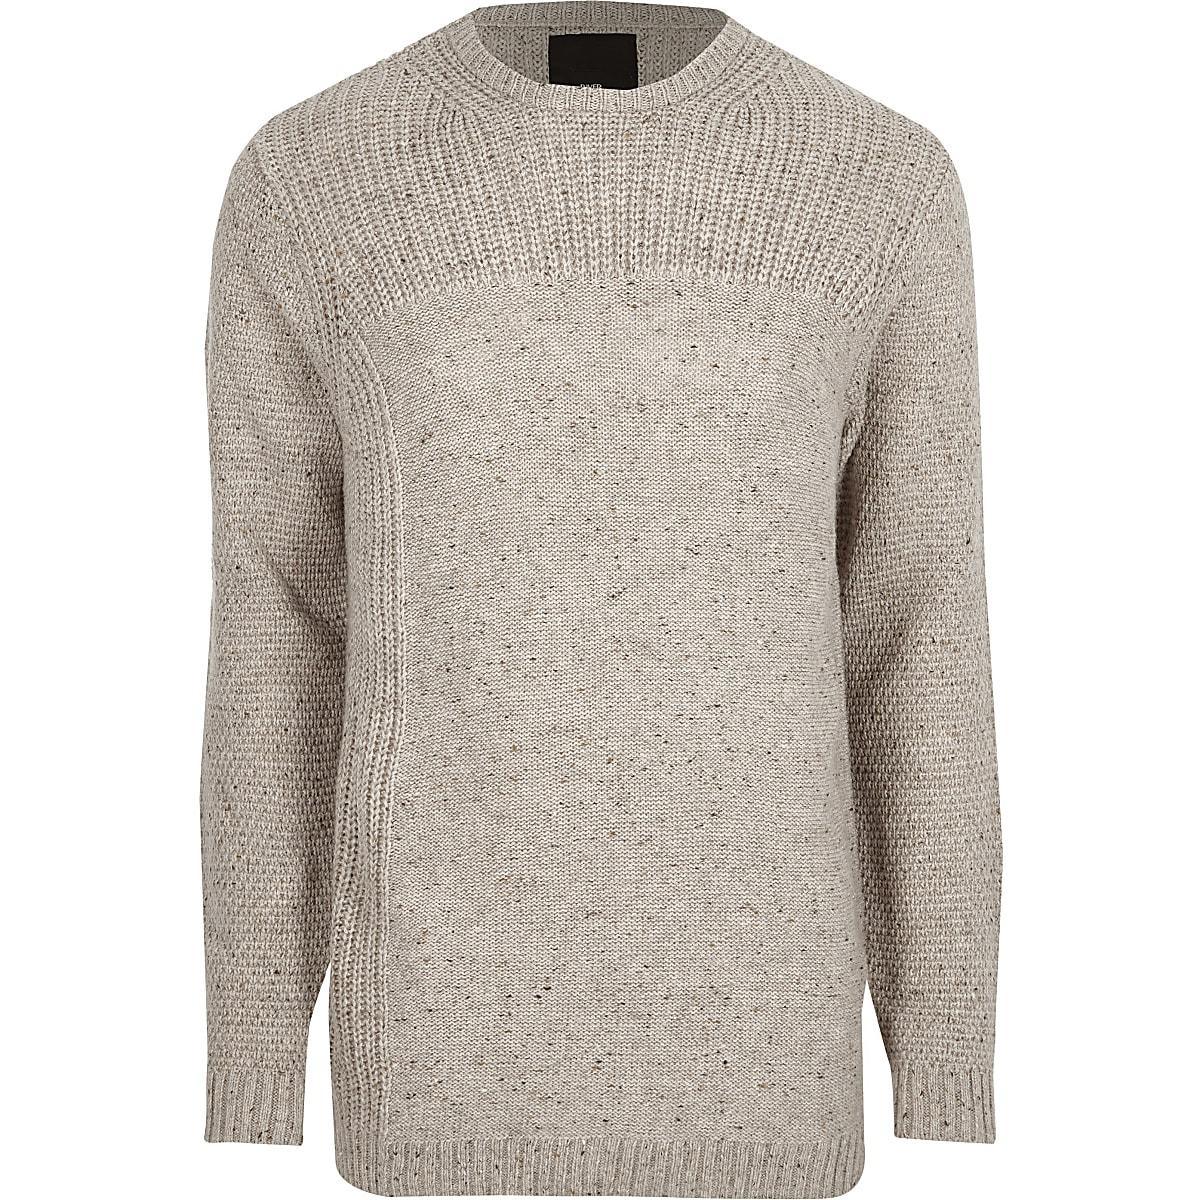 Cream textured knit crew neck jumper